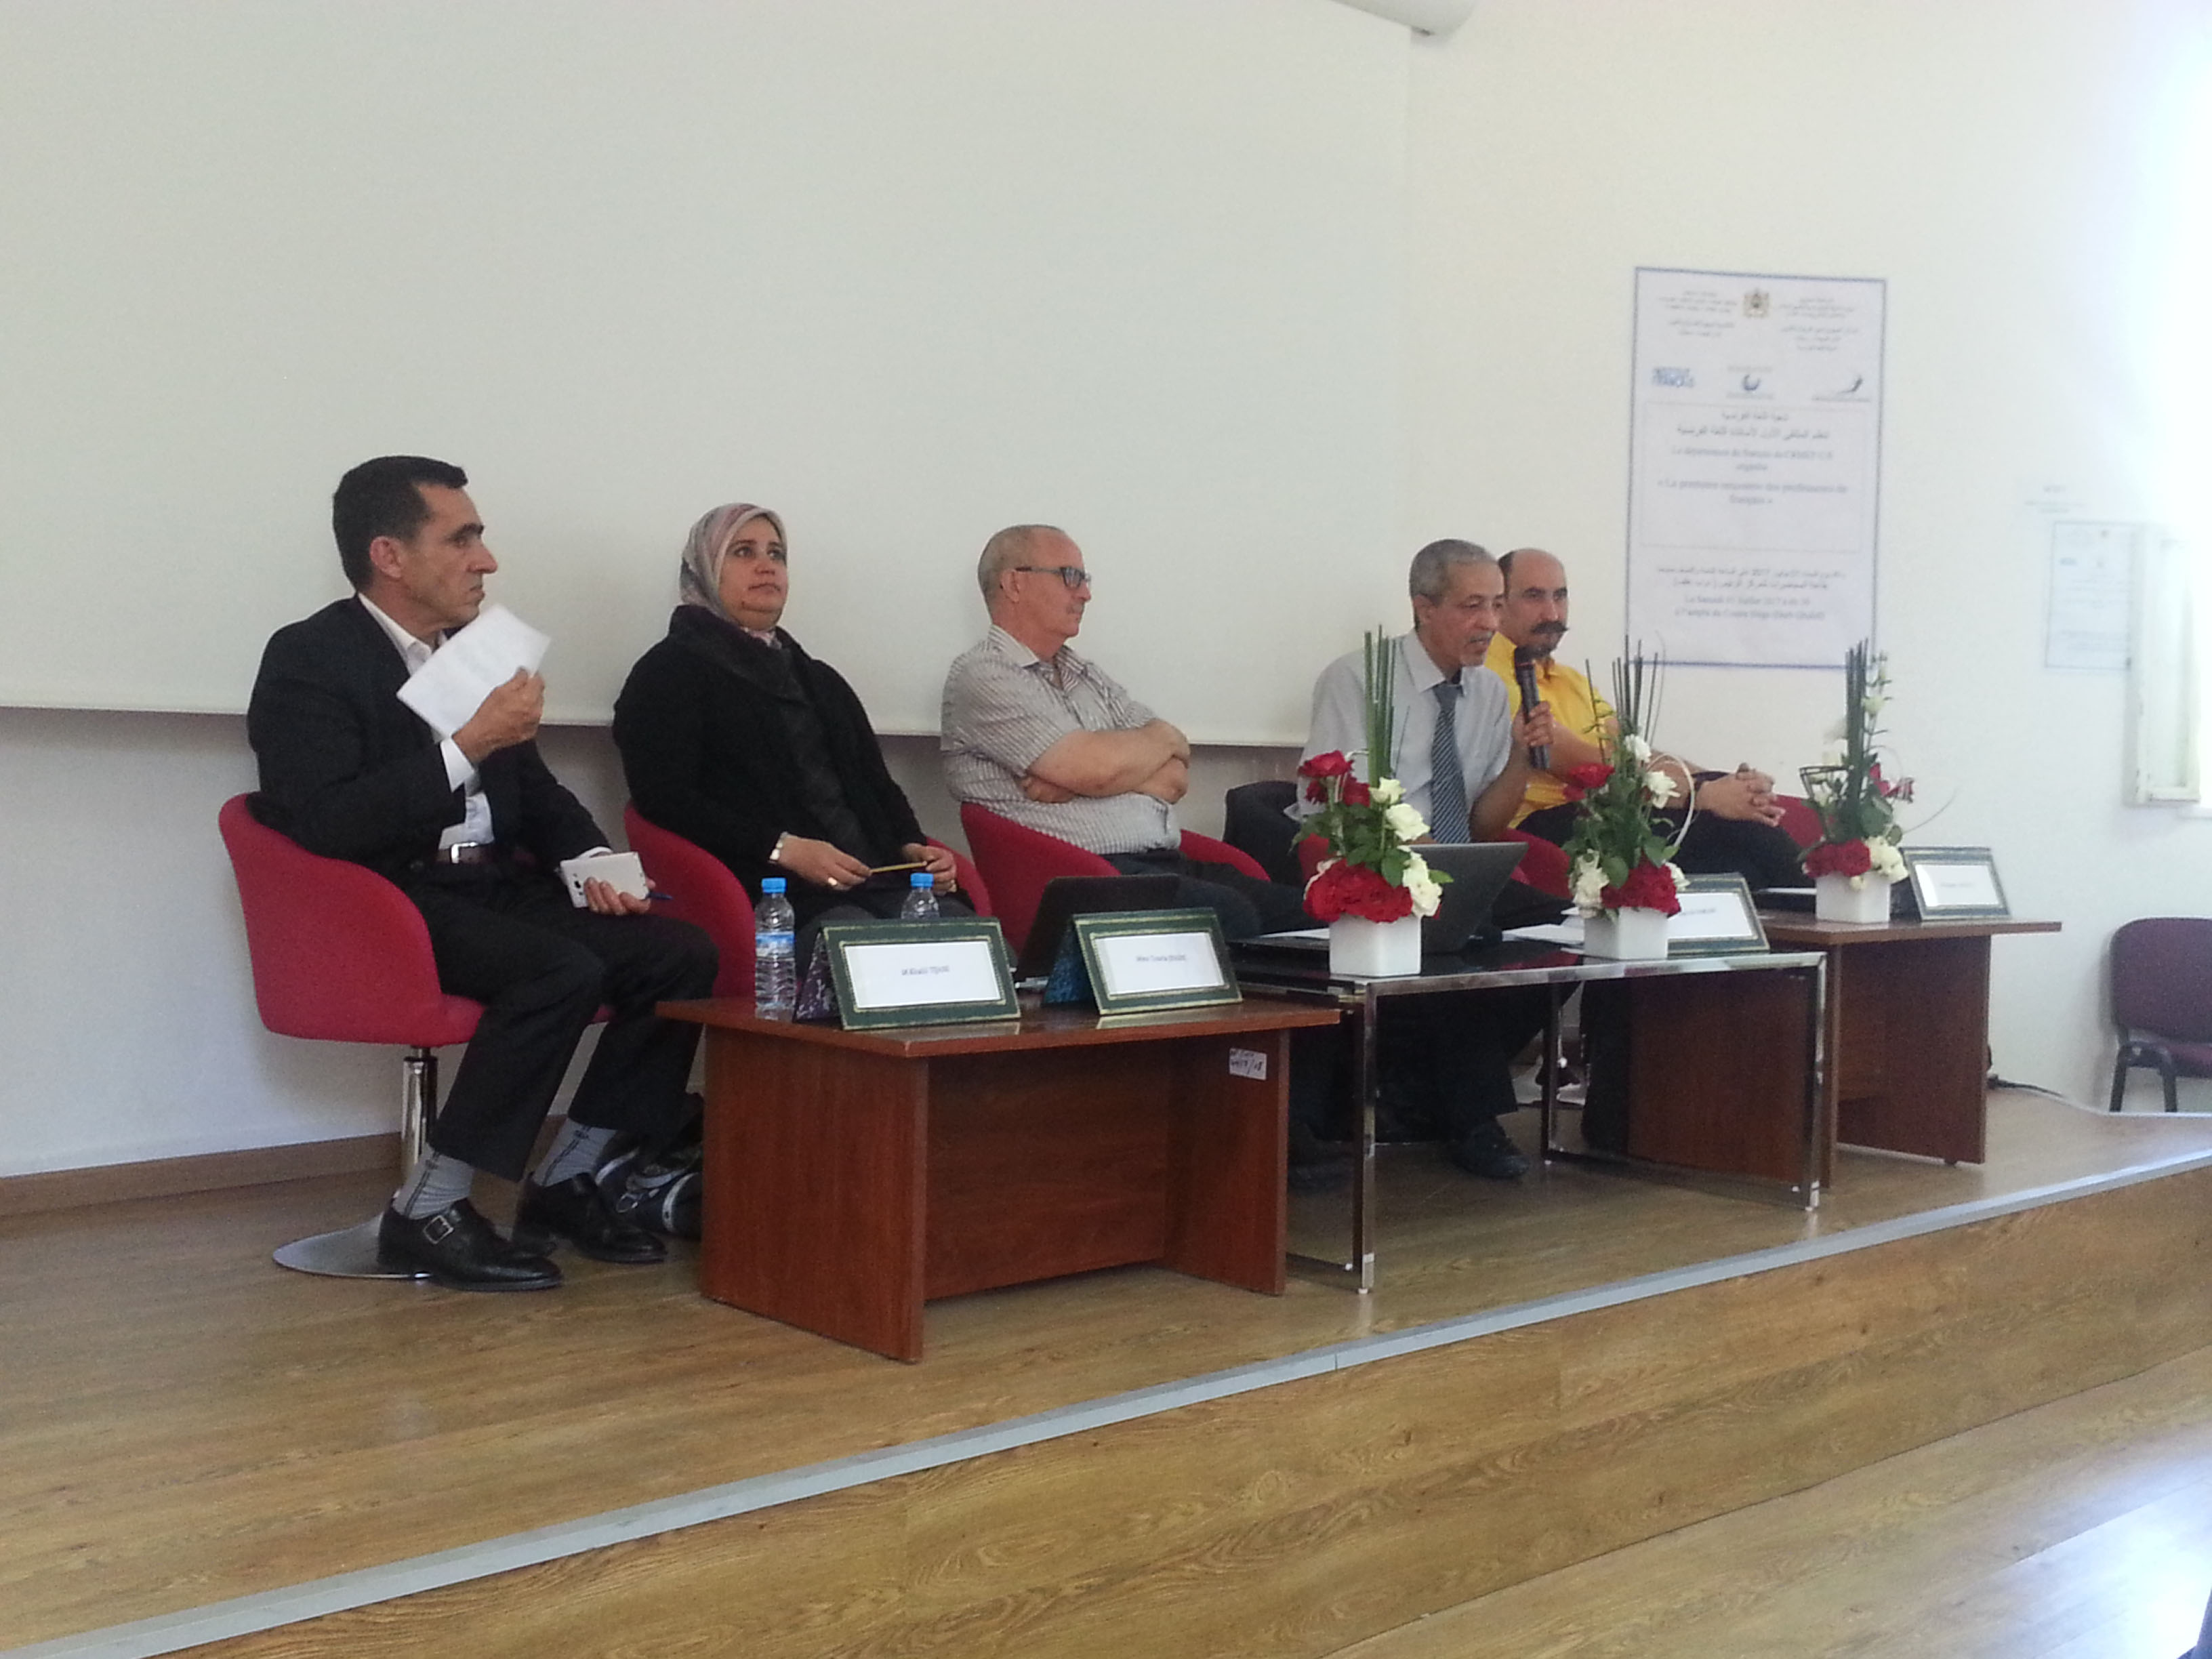 L'enseignement du français en débat à Derb Ghallaf à Casablanca